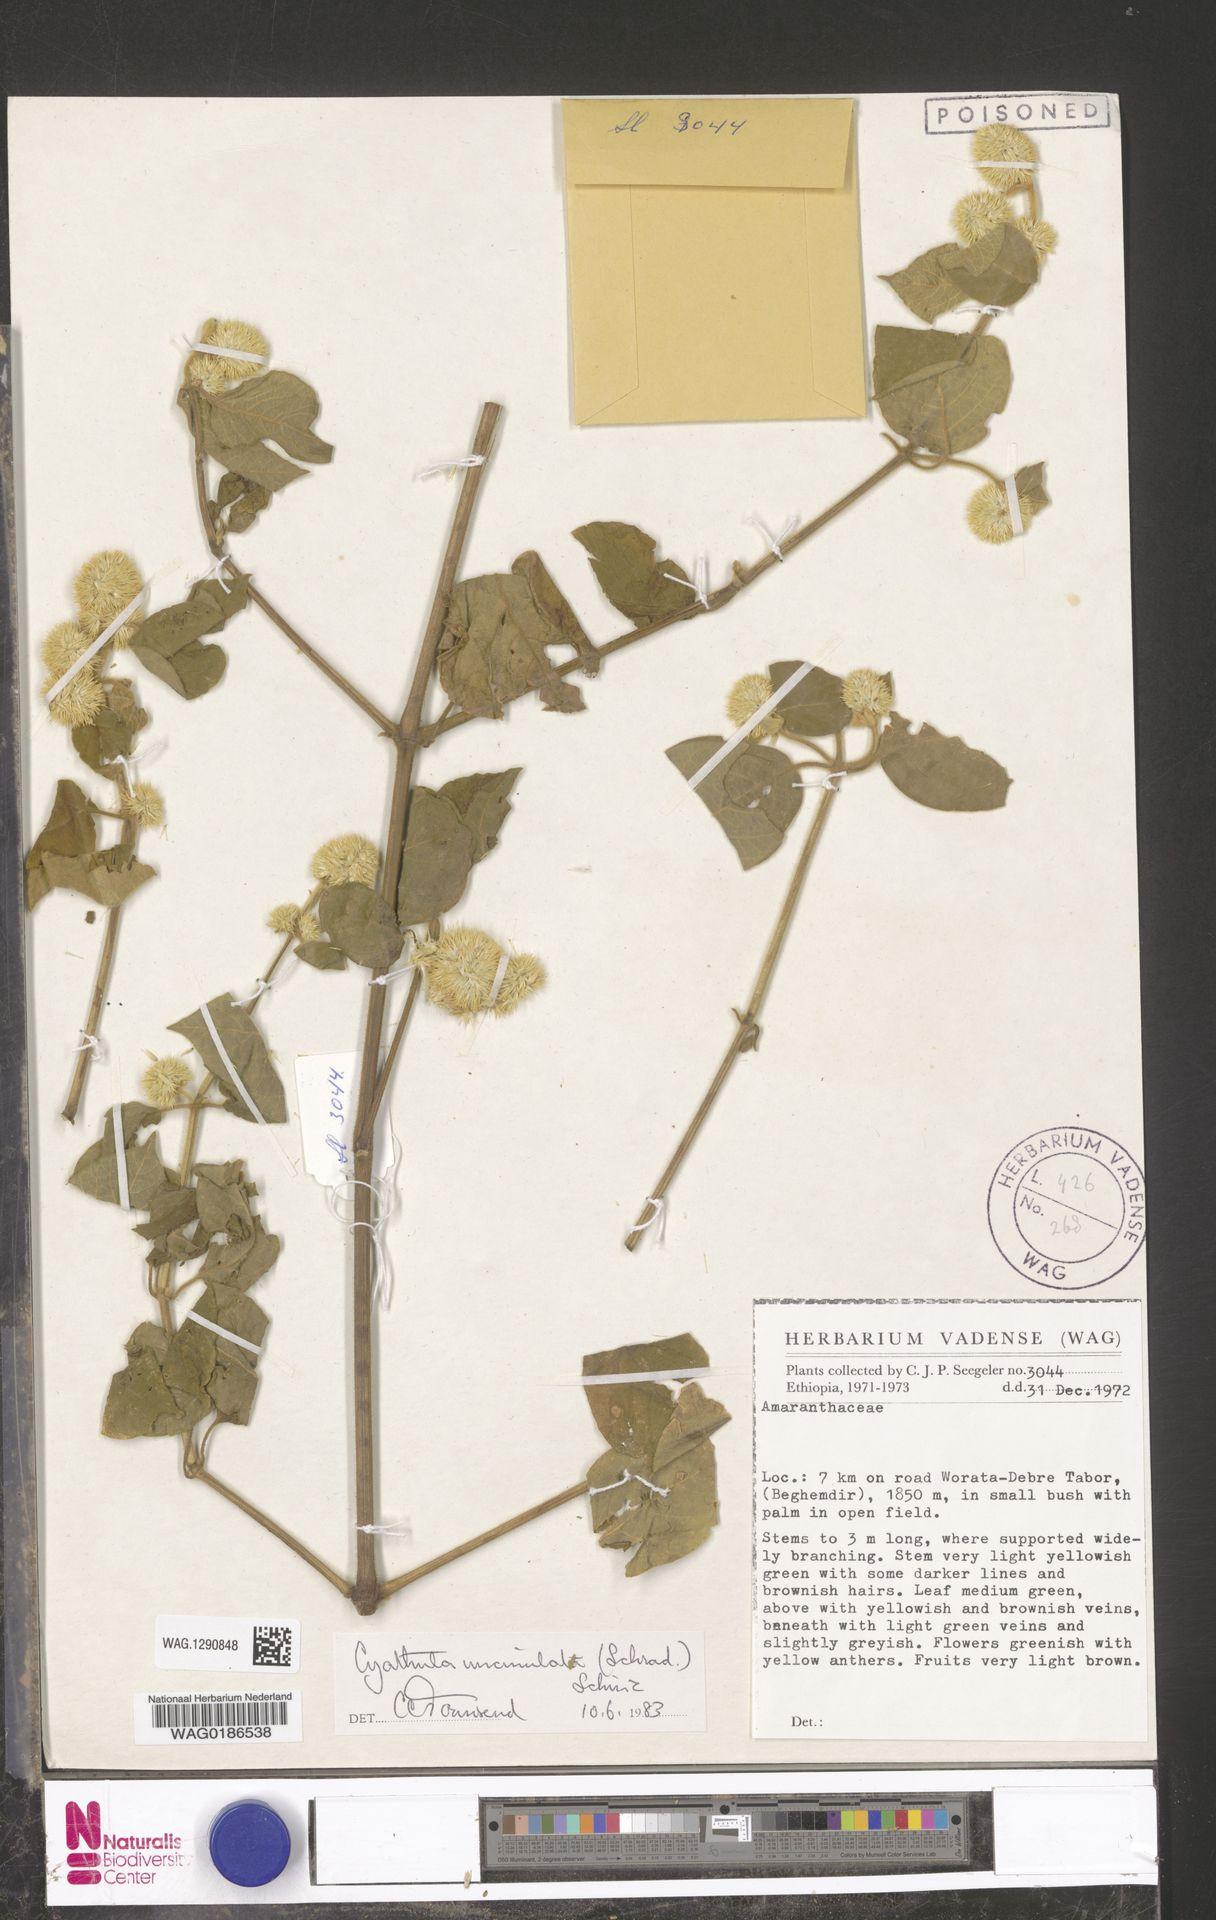 WAG.1290848 | Cyathula uncinulata (Schrad.) Schinz